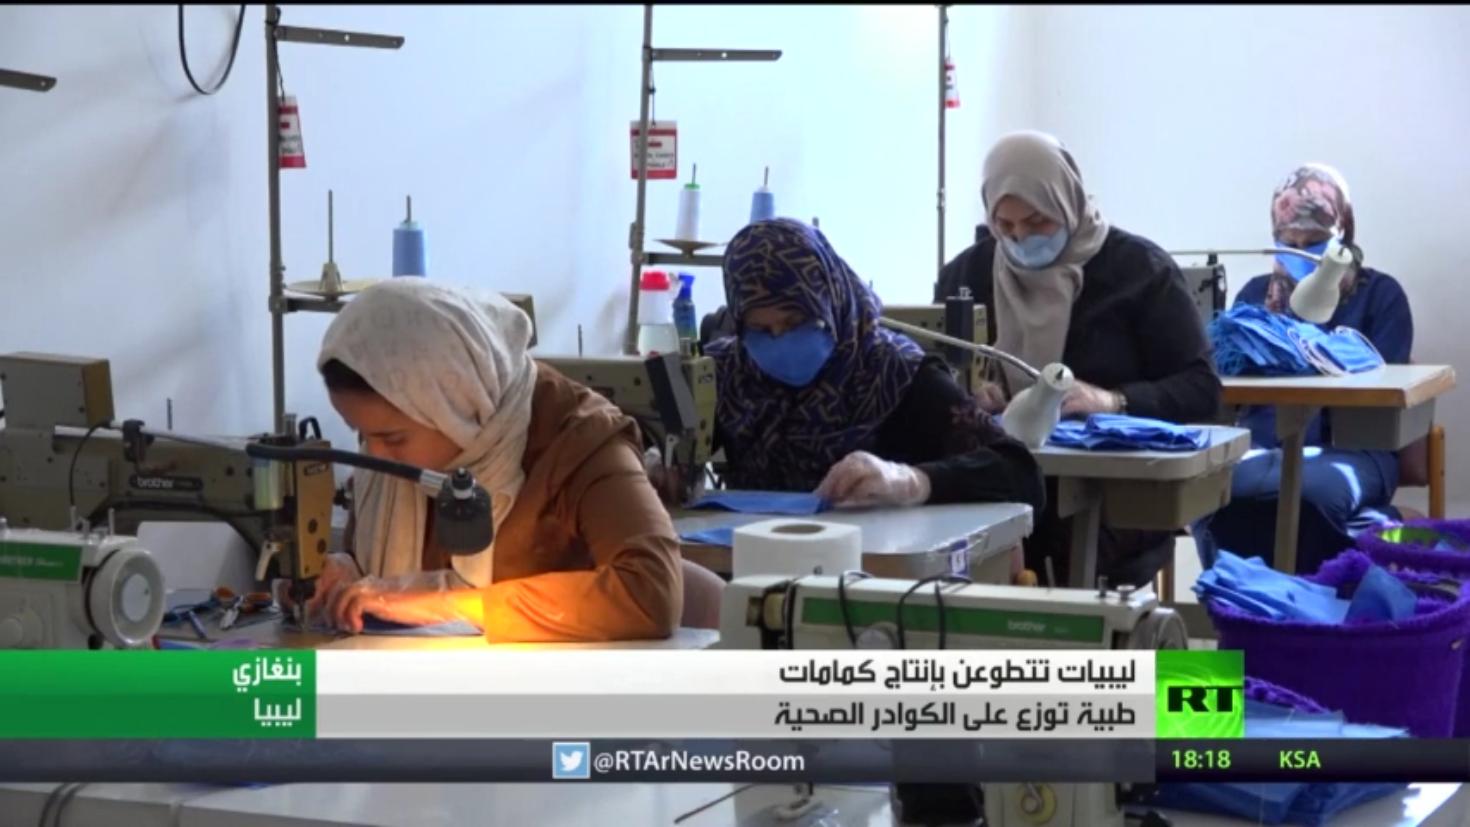 مبادرة لإنتاج ألف كمامة يوميا في بنغازي